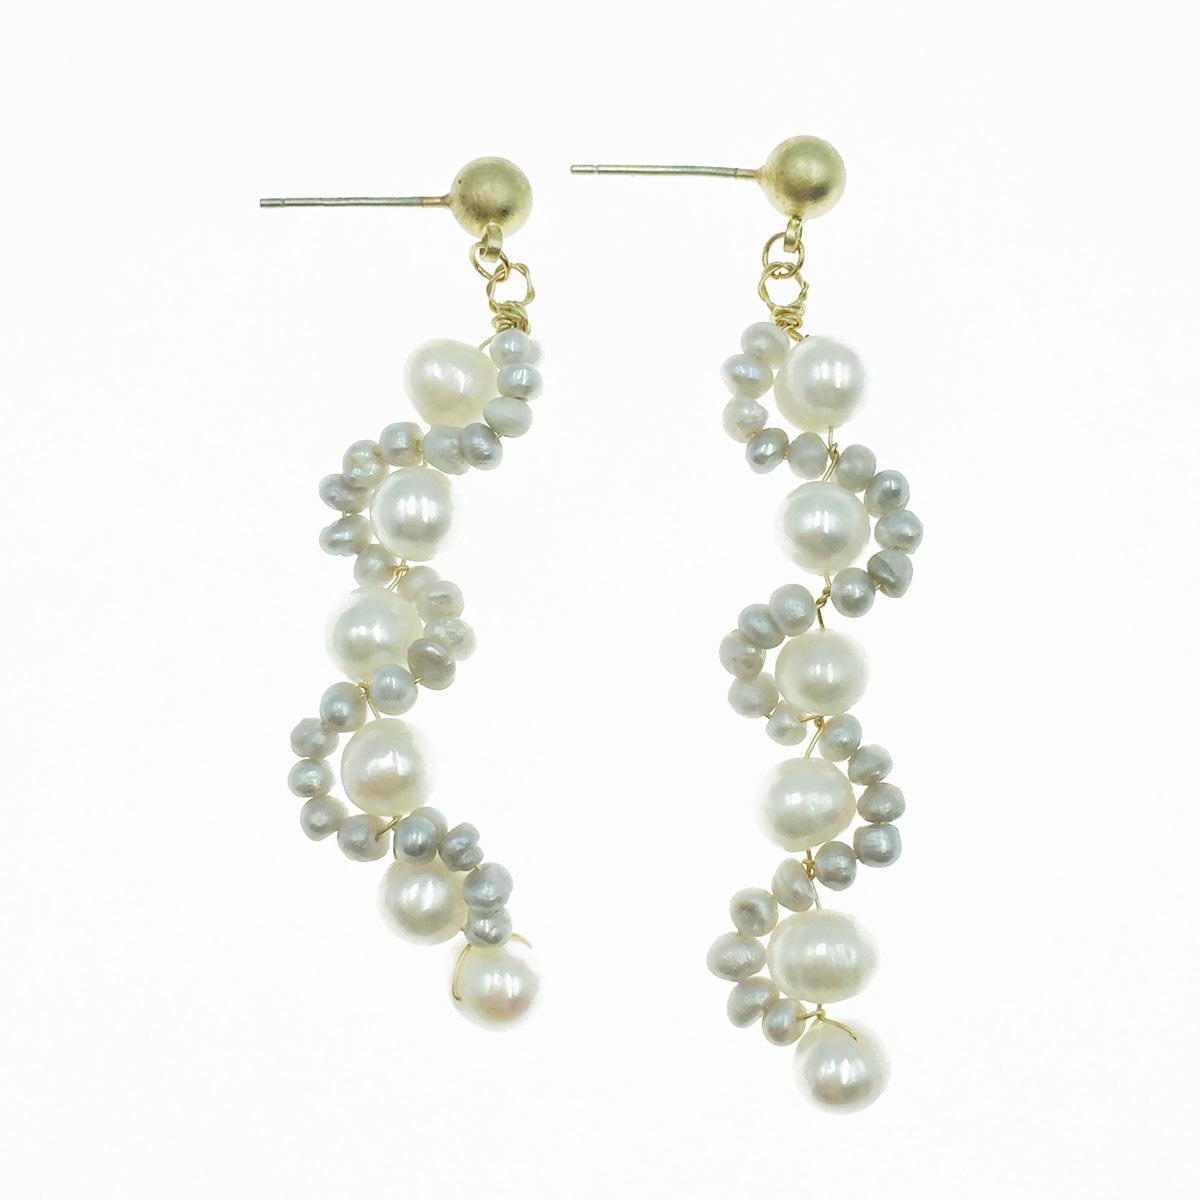 韓國 925純銀 珍珠 波動曲線 垂墜感 耳針式耳環